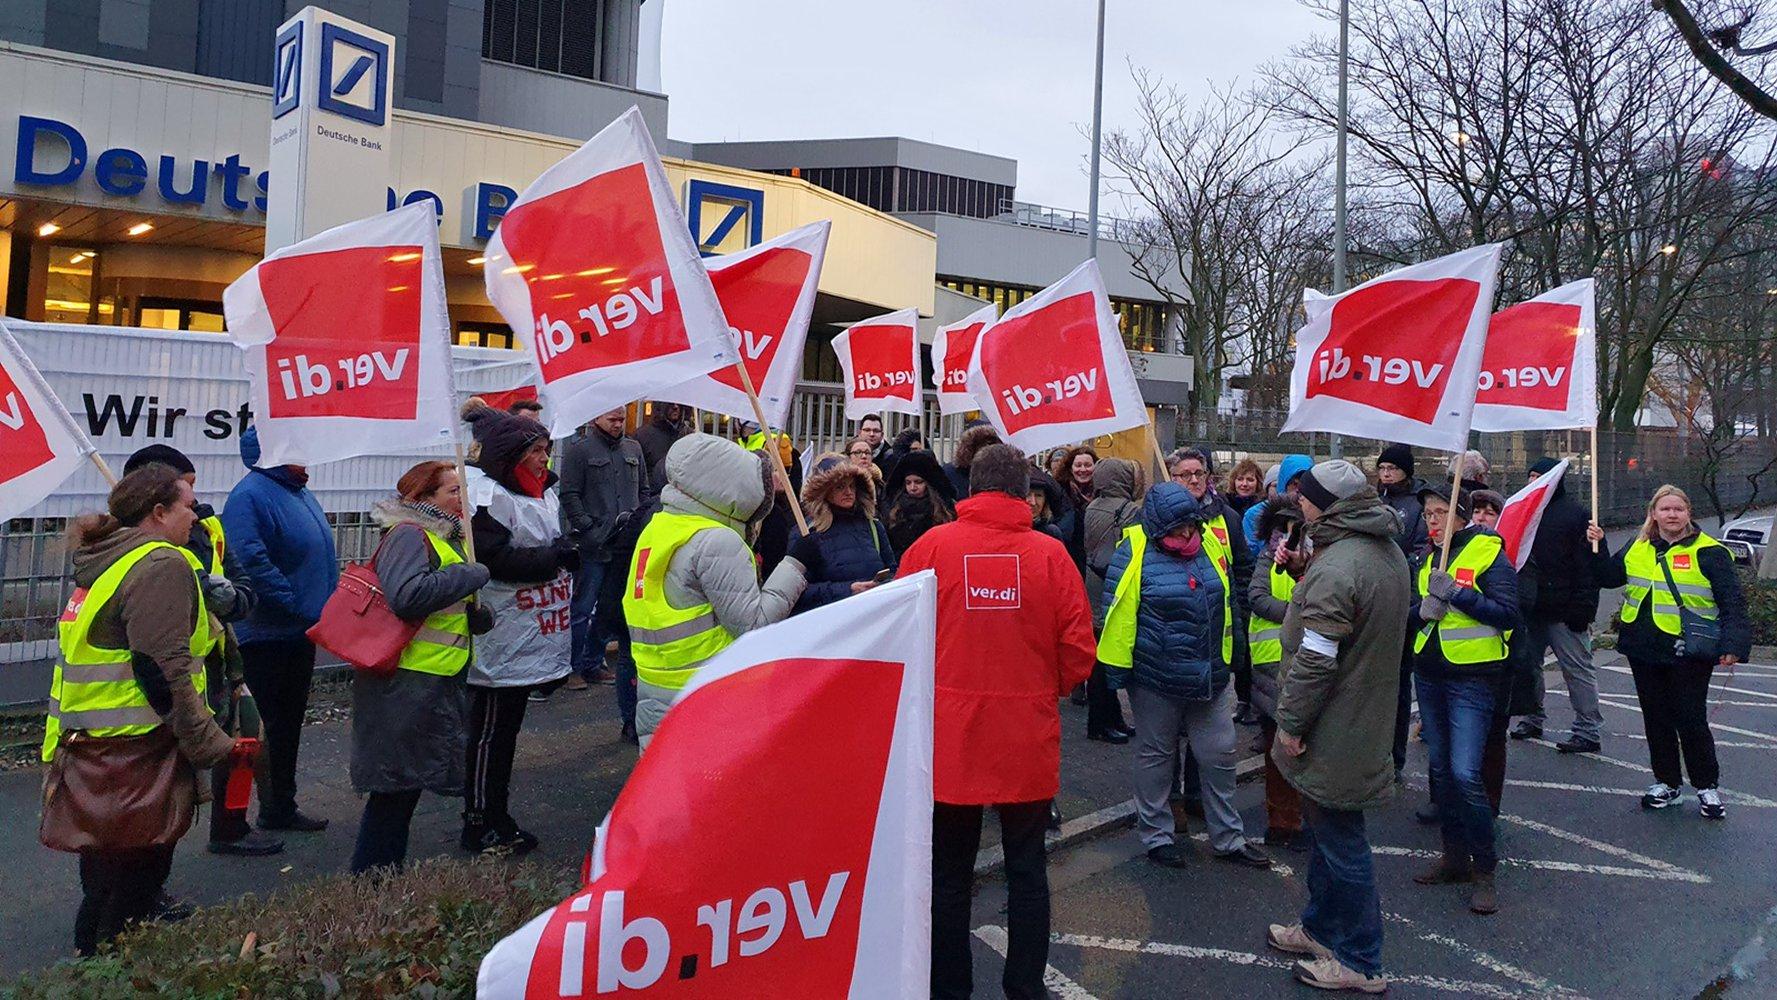 Streik Der Db